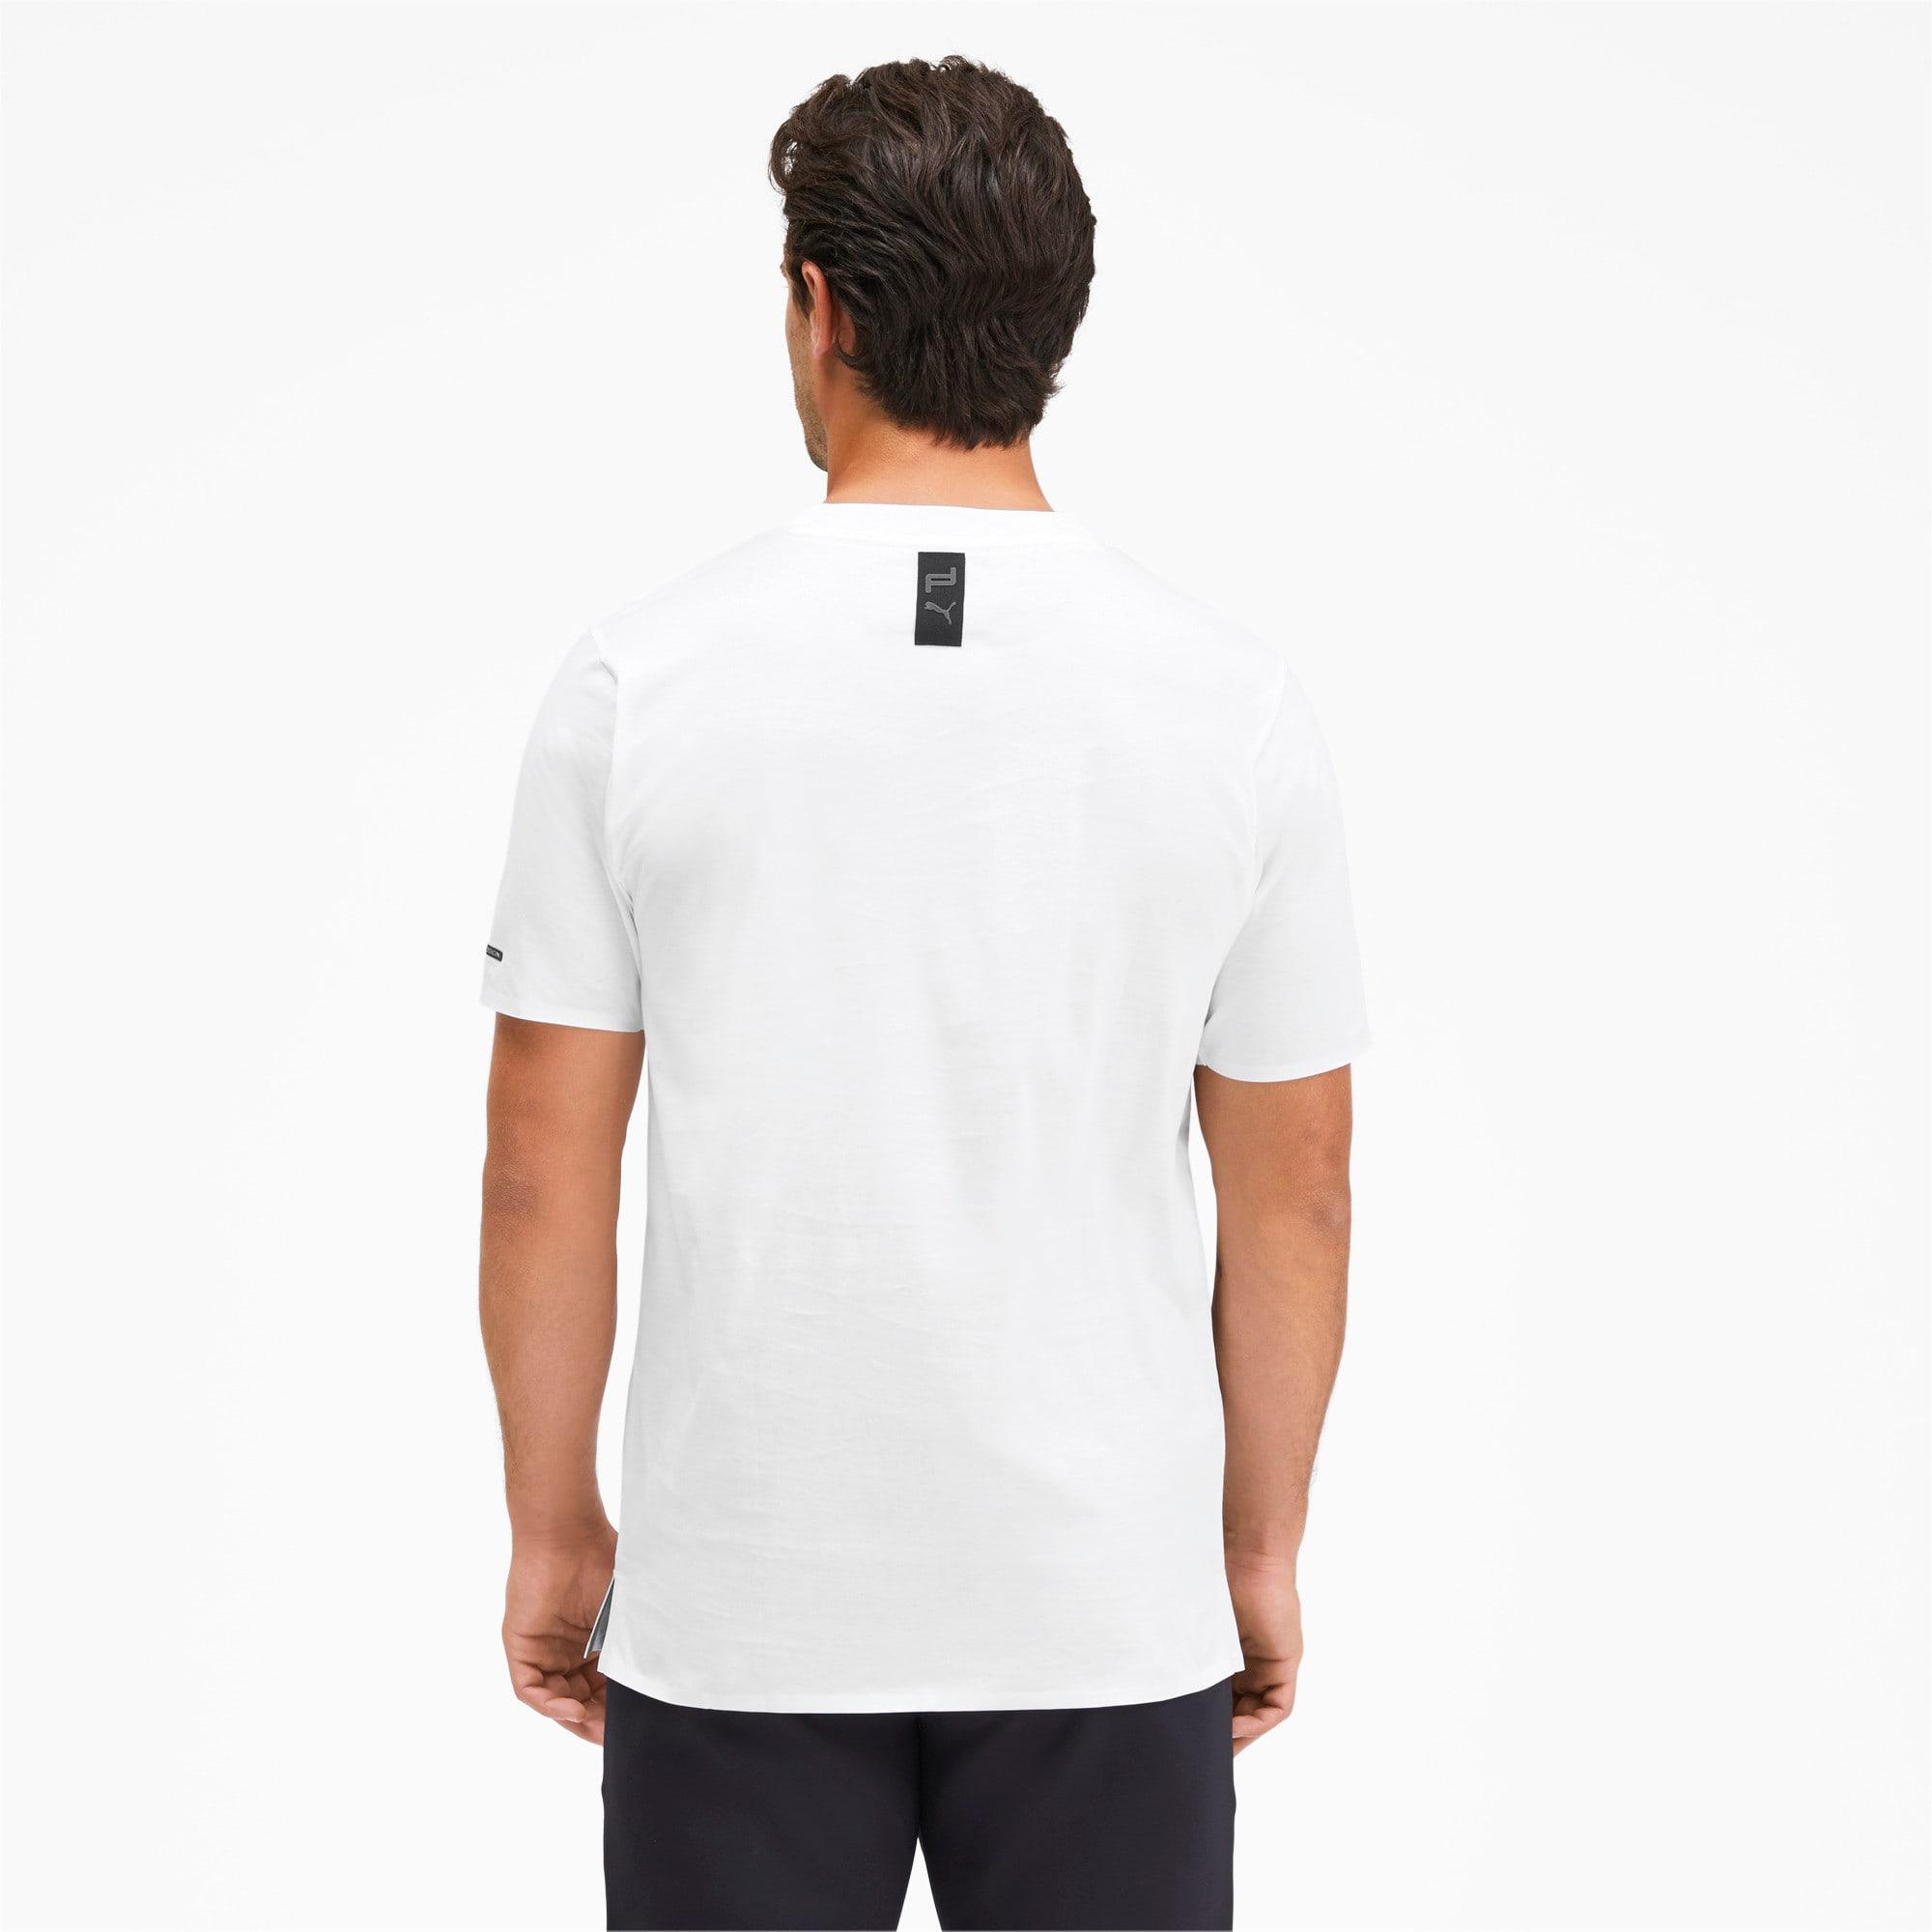 Thumbnail 2 of M ポルシェデザイン PD グラフィック Tシャツ, Puma White, medium-JPN